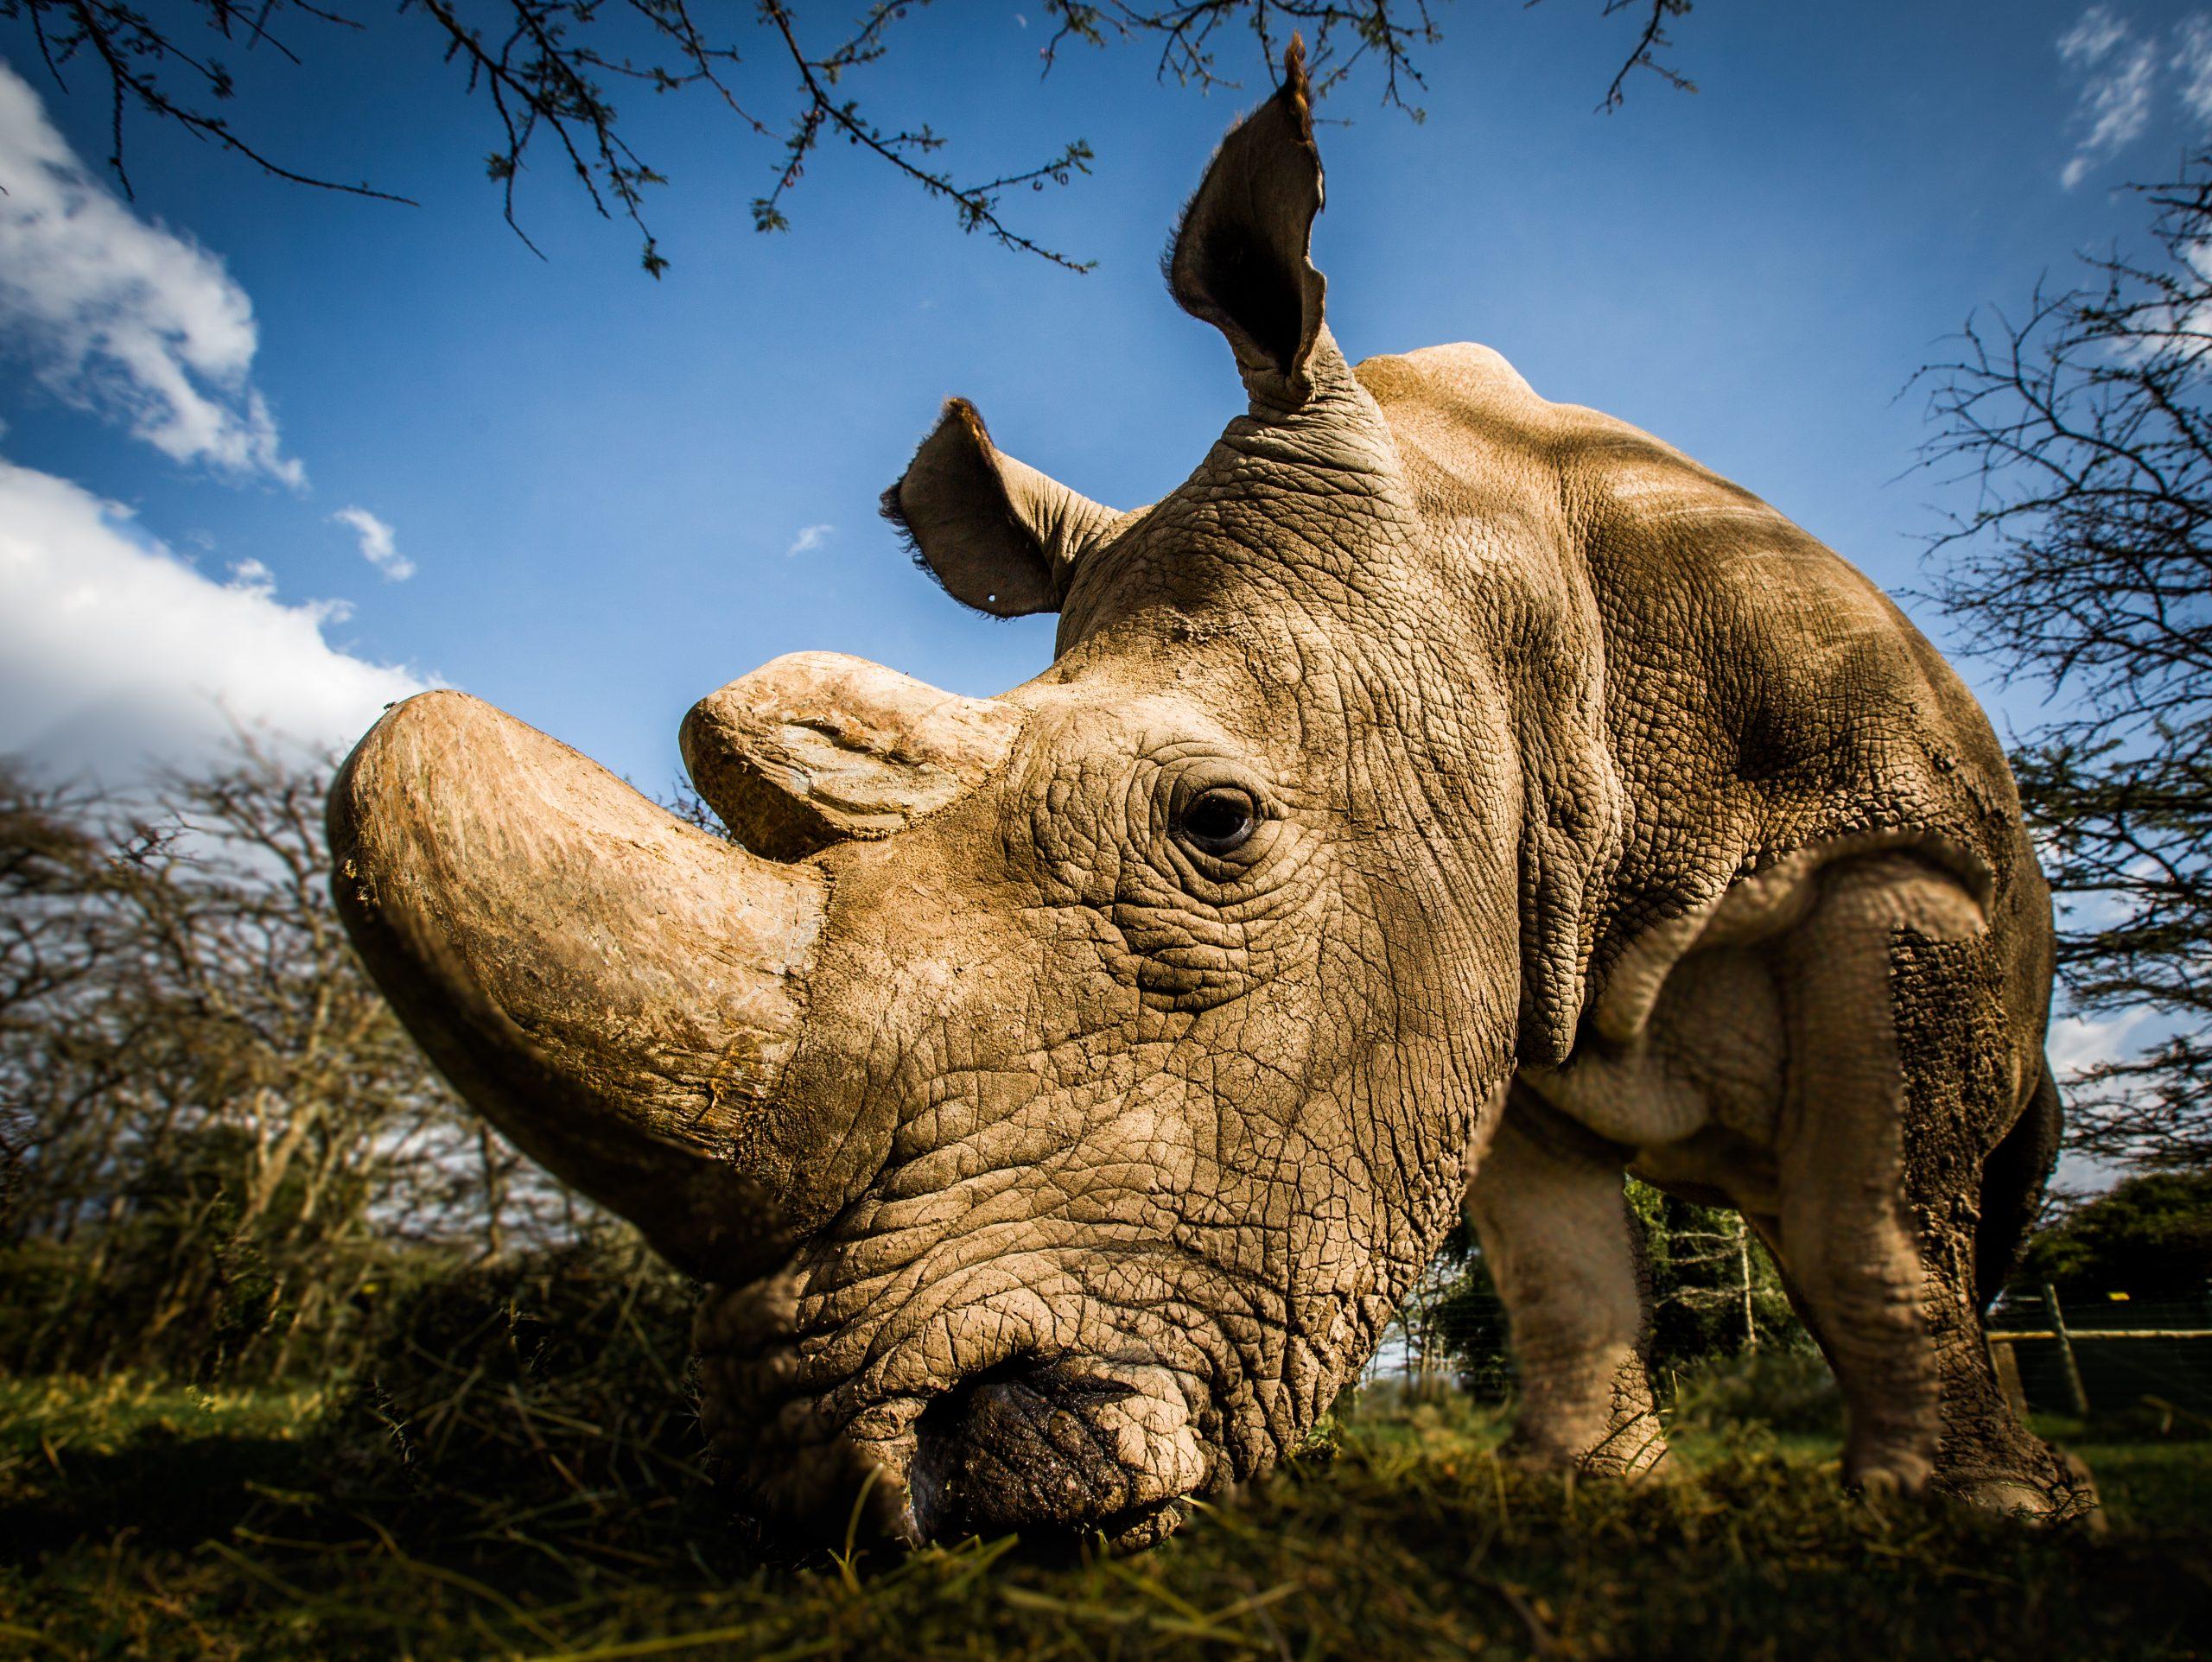 Rhino-c-WildAid-Andrew-Wegst